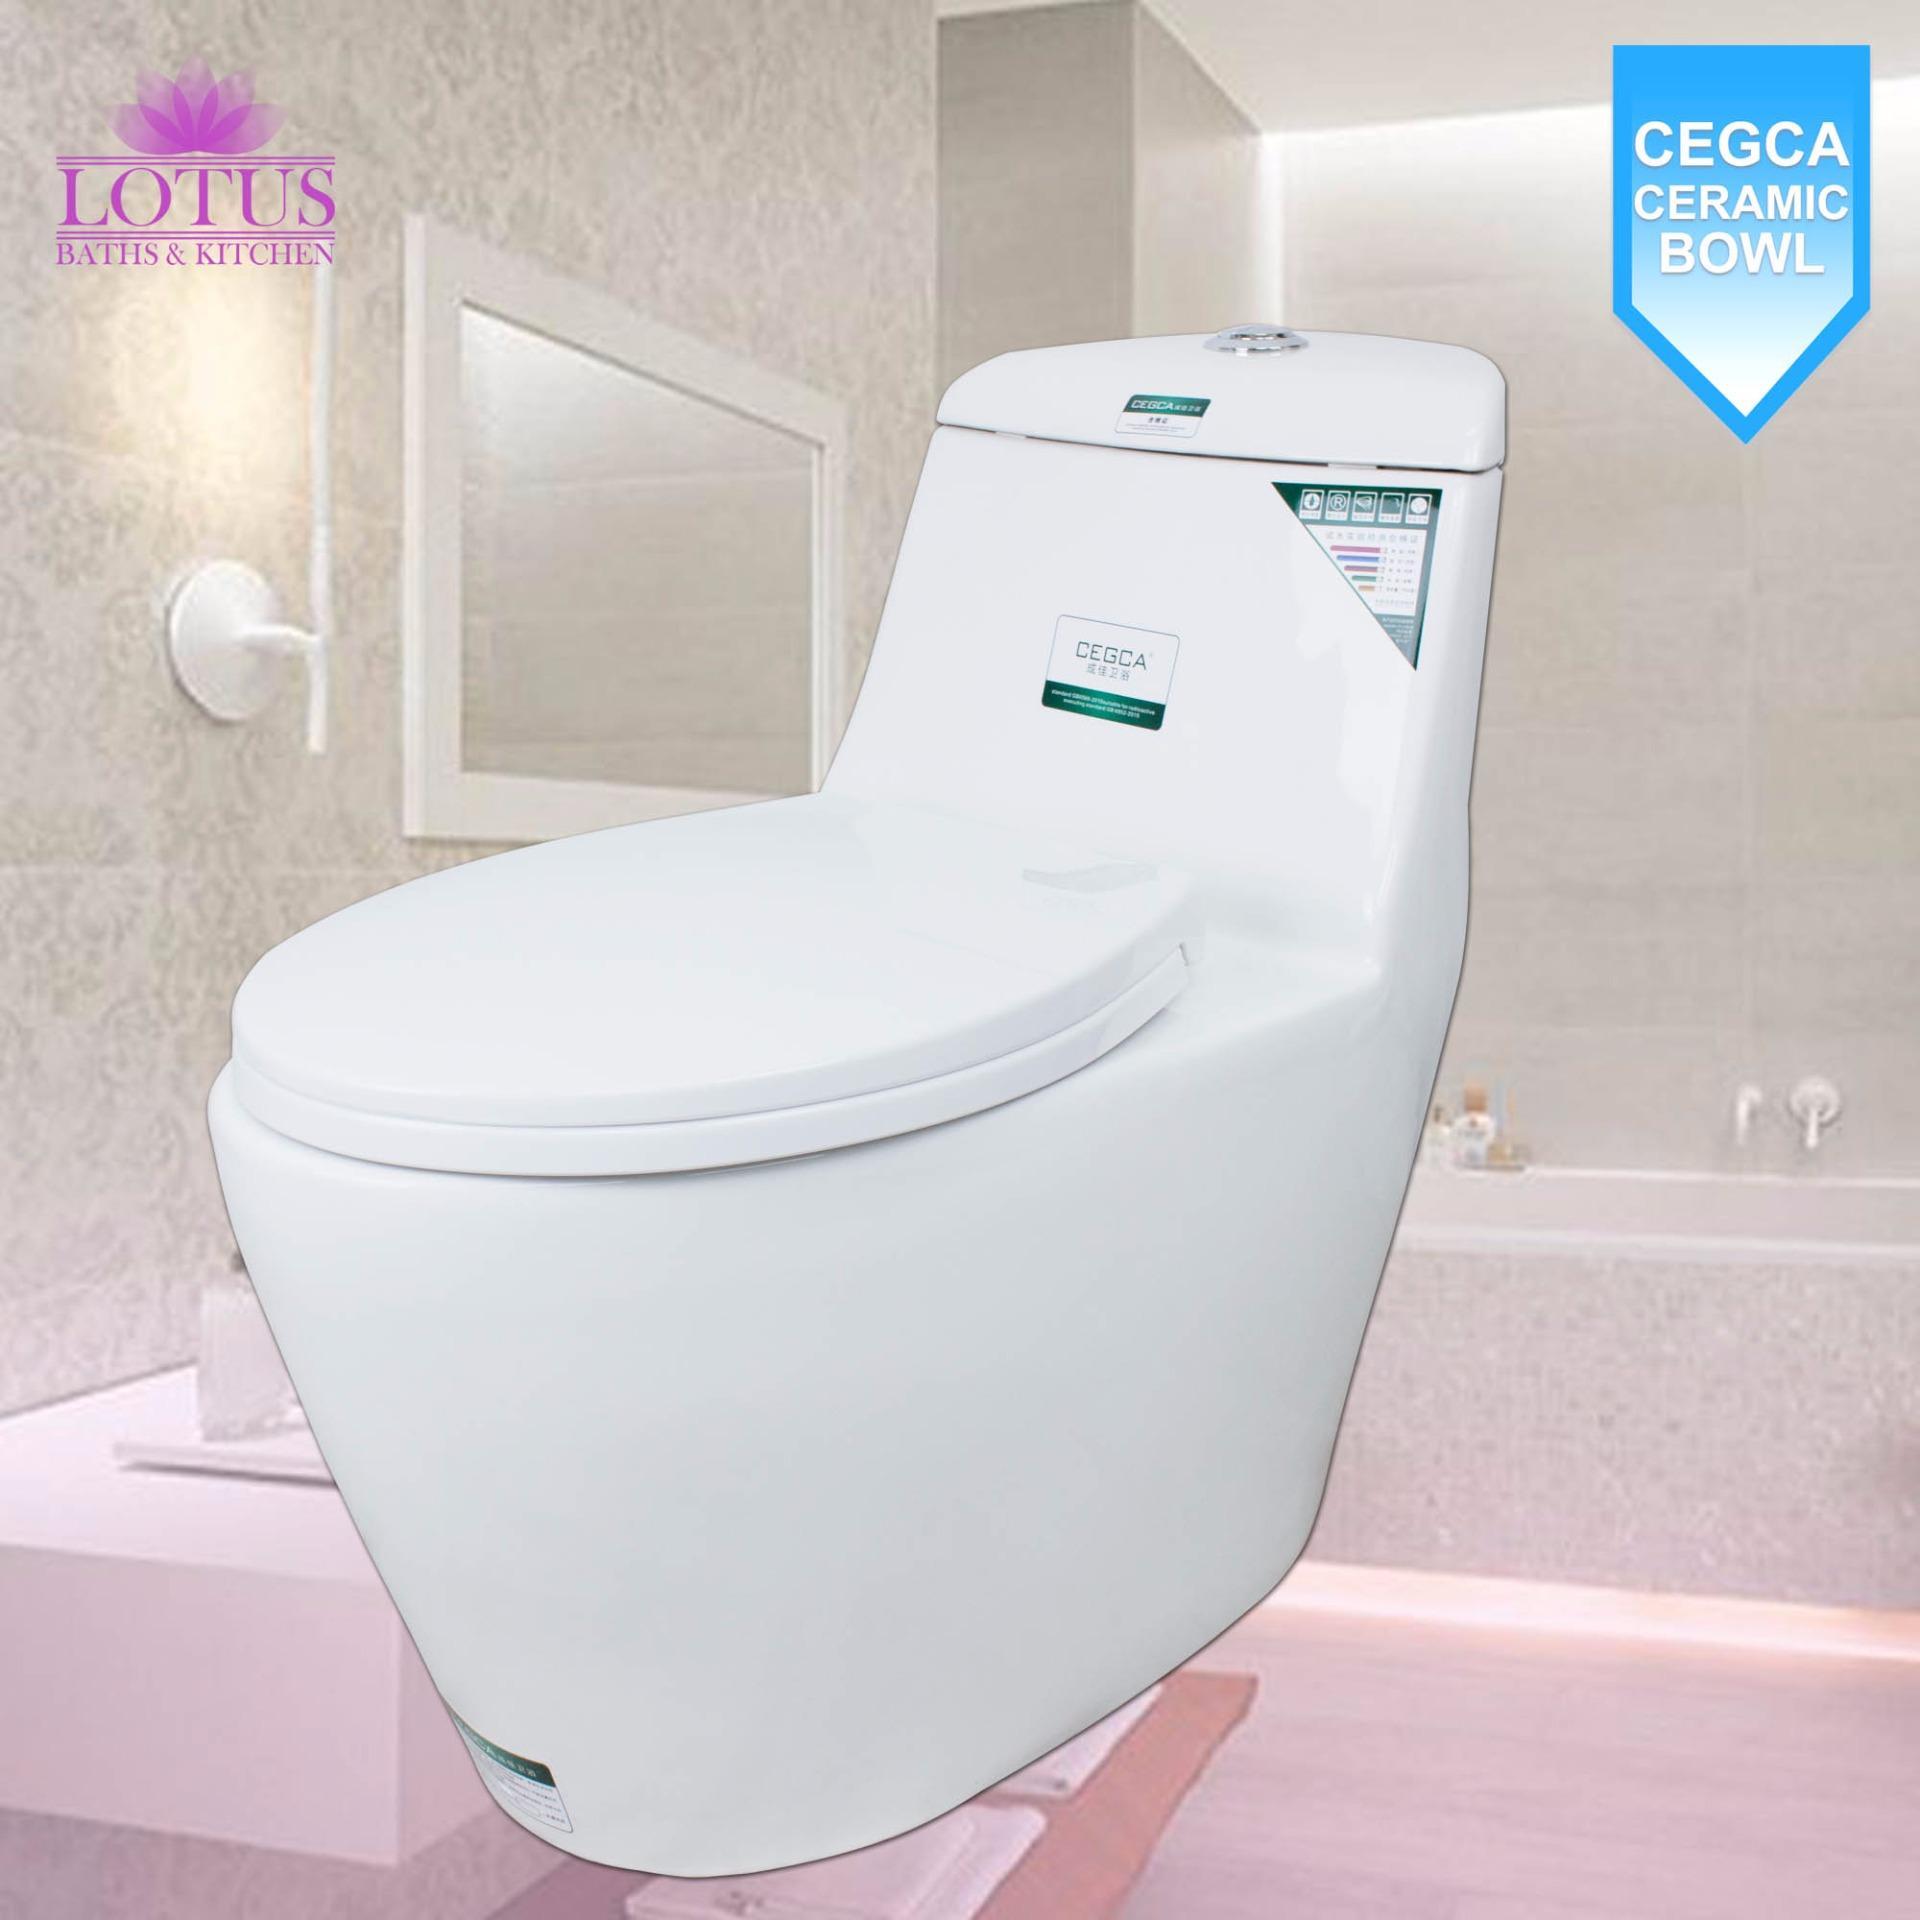 Lotus CEGCA CJ8034 Ceramic Bathroom Water Closet Toilet Bowl (White)  Philippines